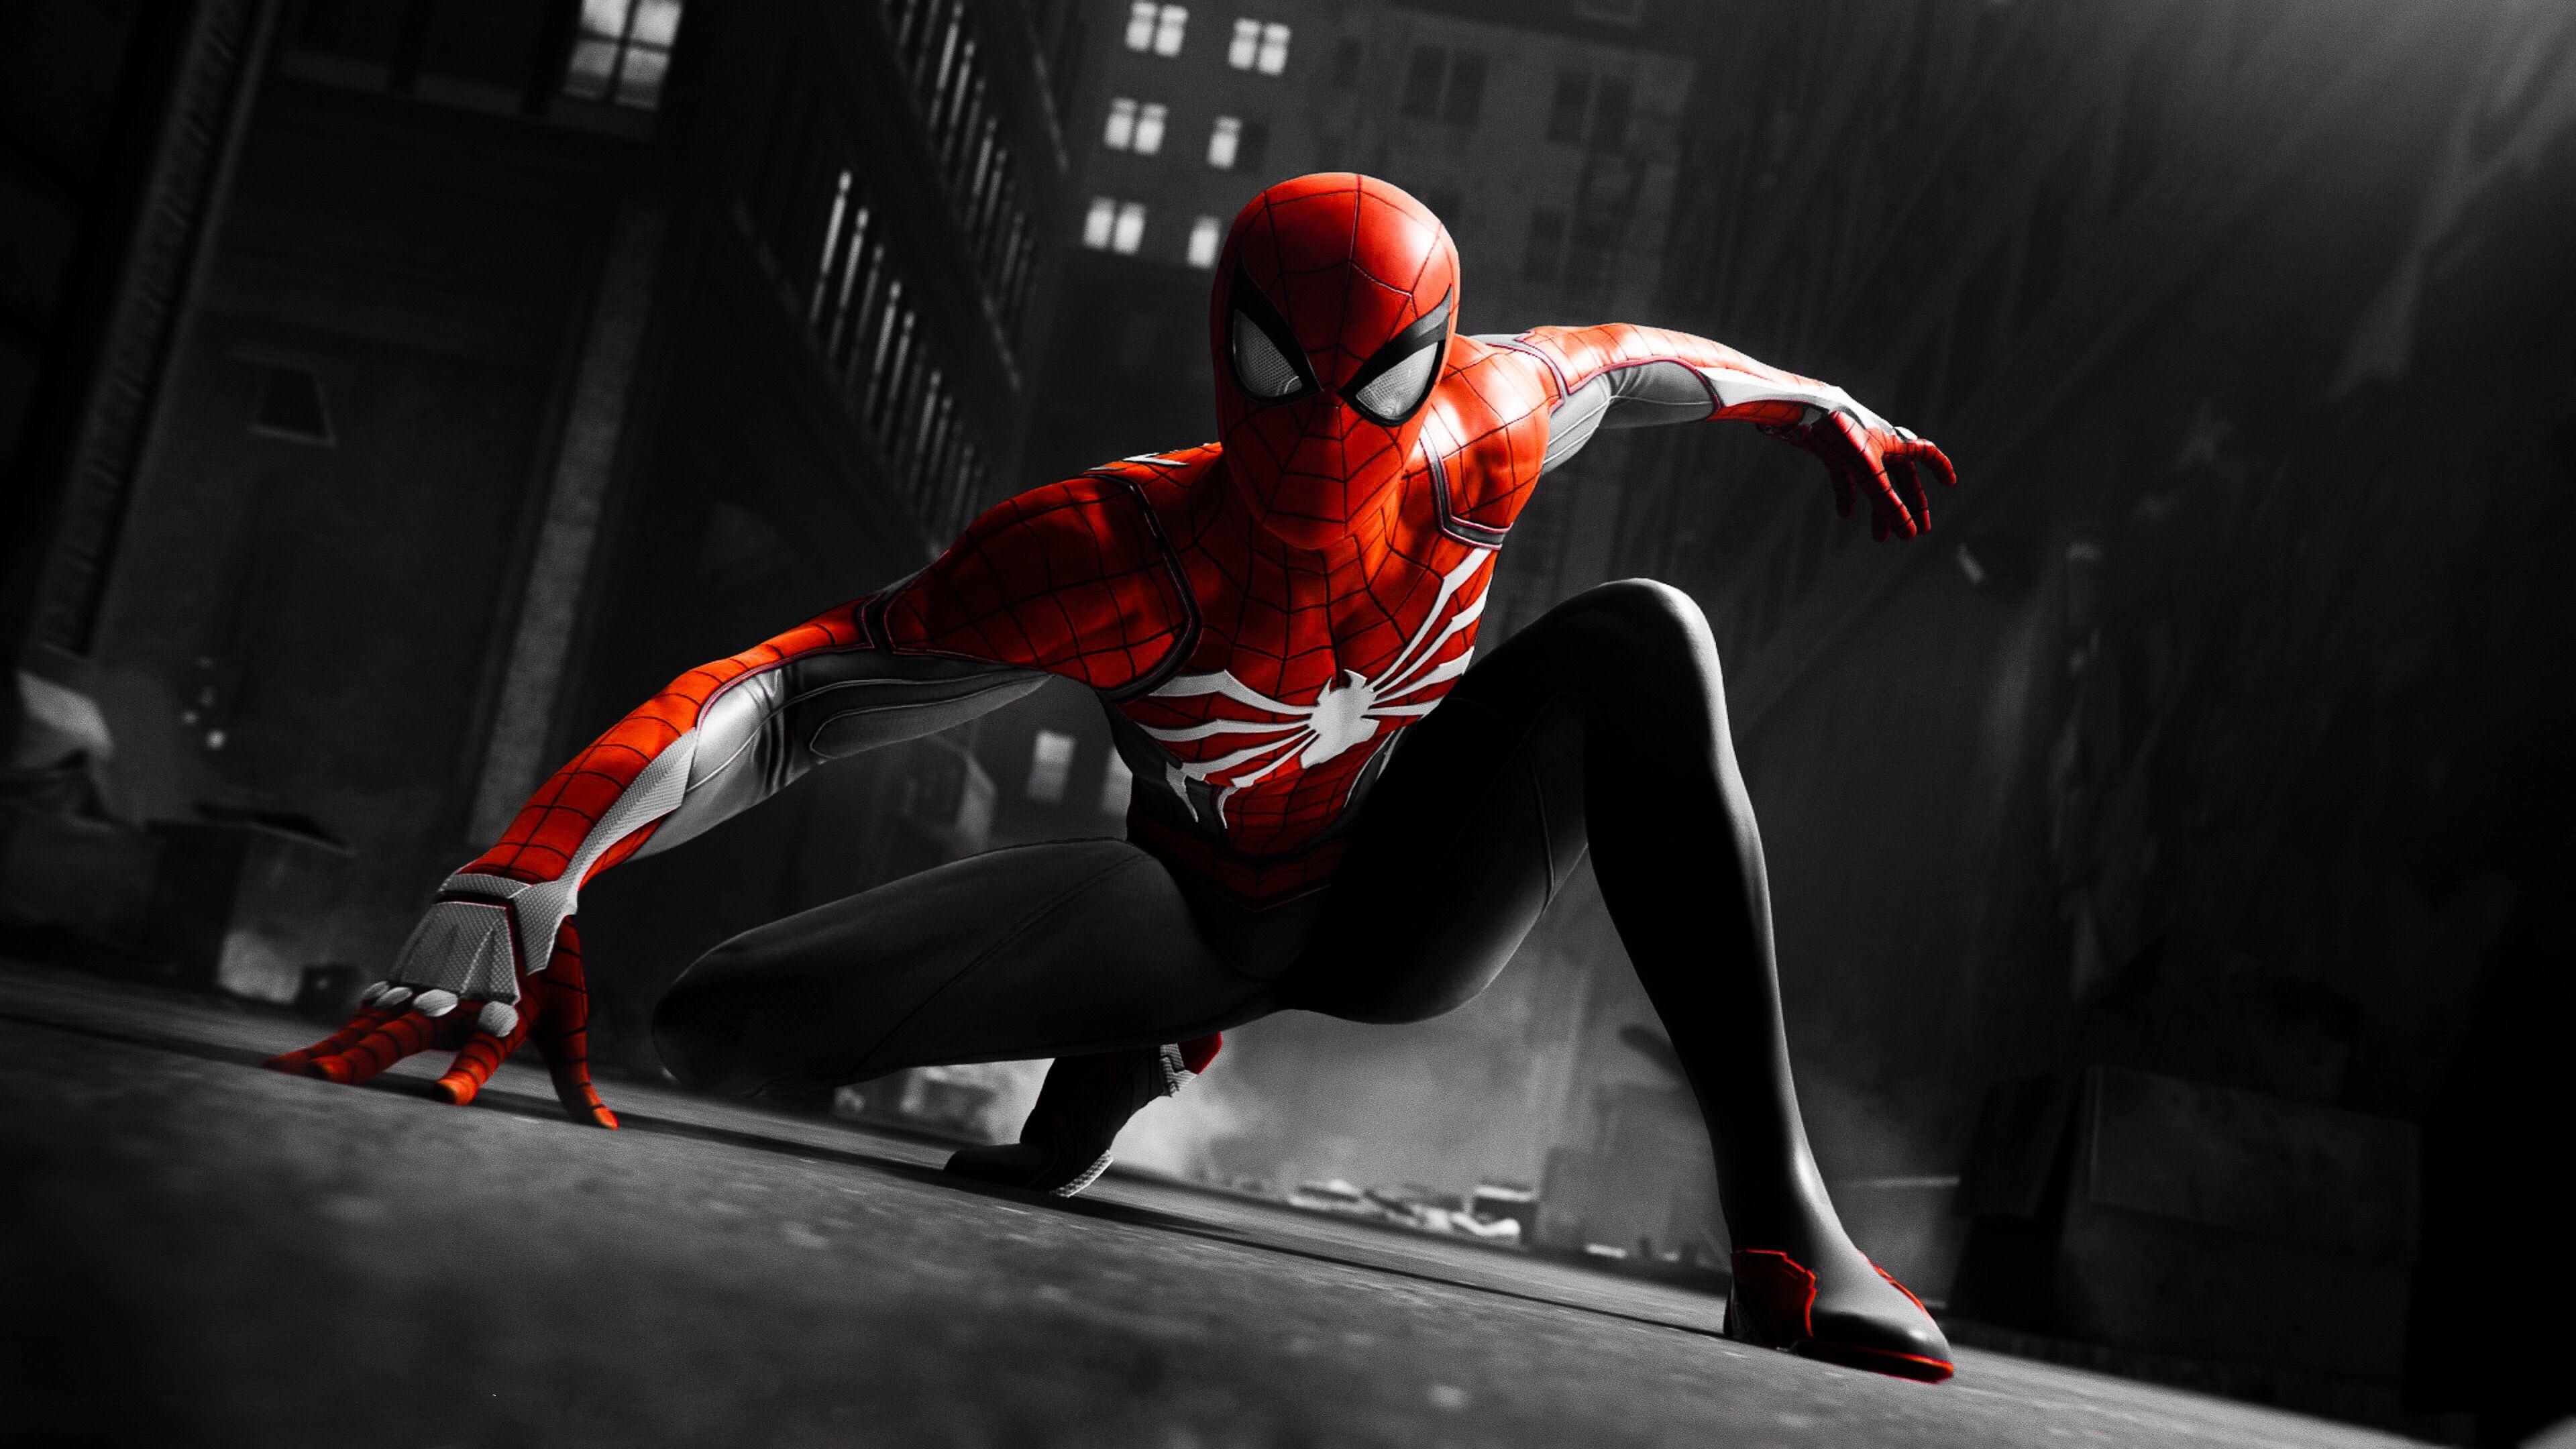 Black And Red Spiderman 4k, HD Superheroes, 4k Wallpapers ...